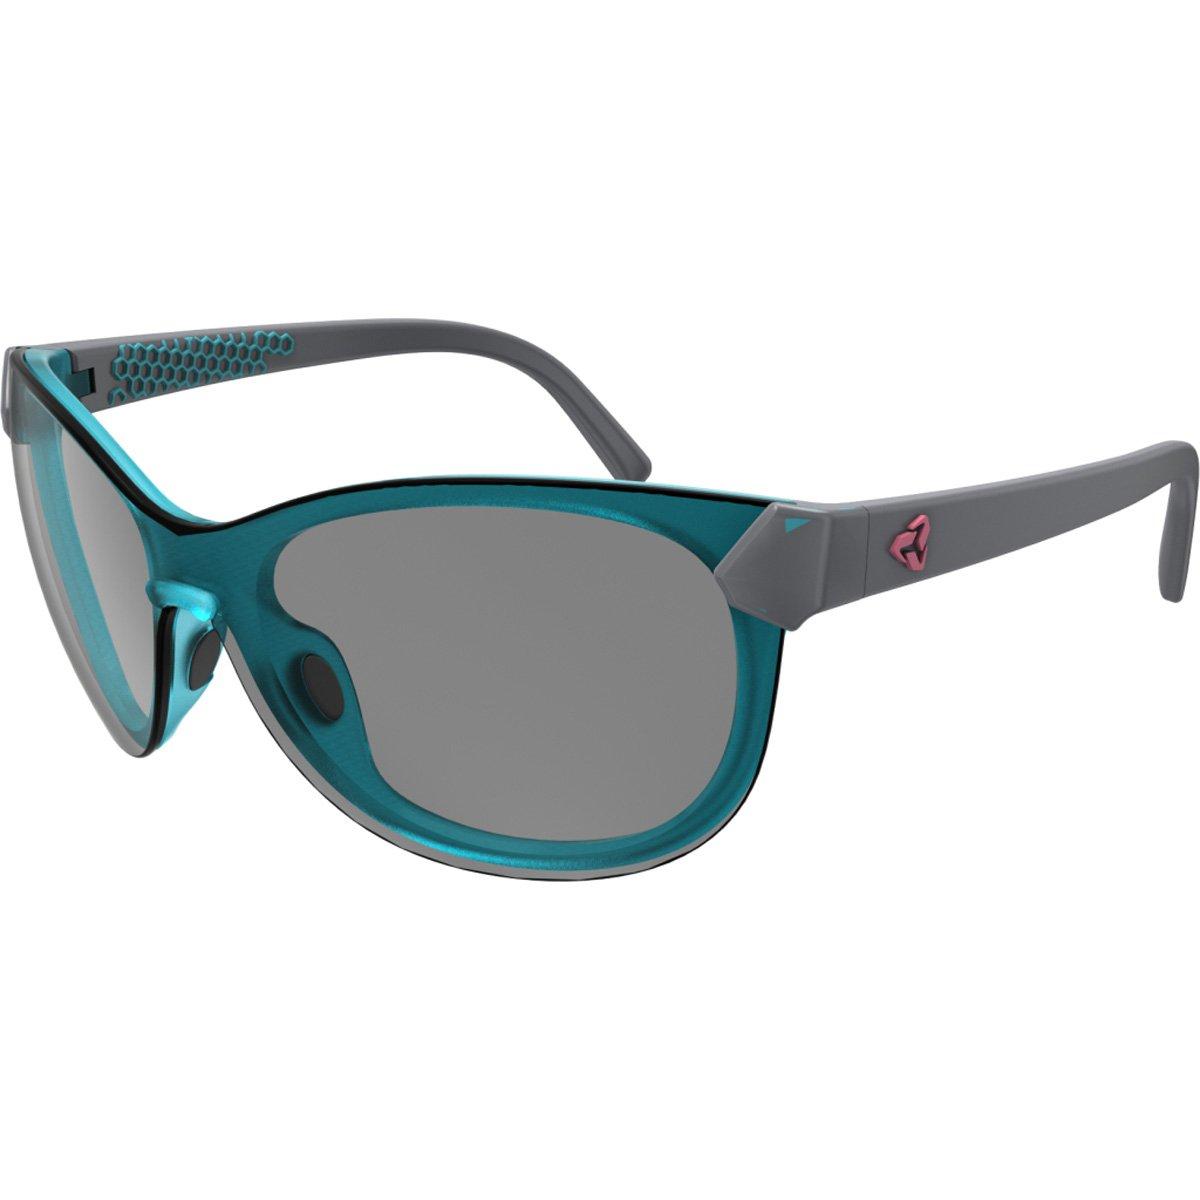 Ryders Eyewear Catja曇り止めサングラス  GREY-BLUE / GREY B06XWW1H3D